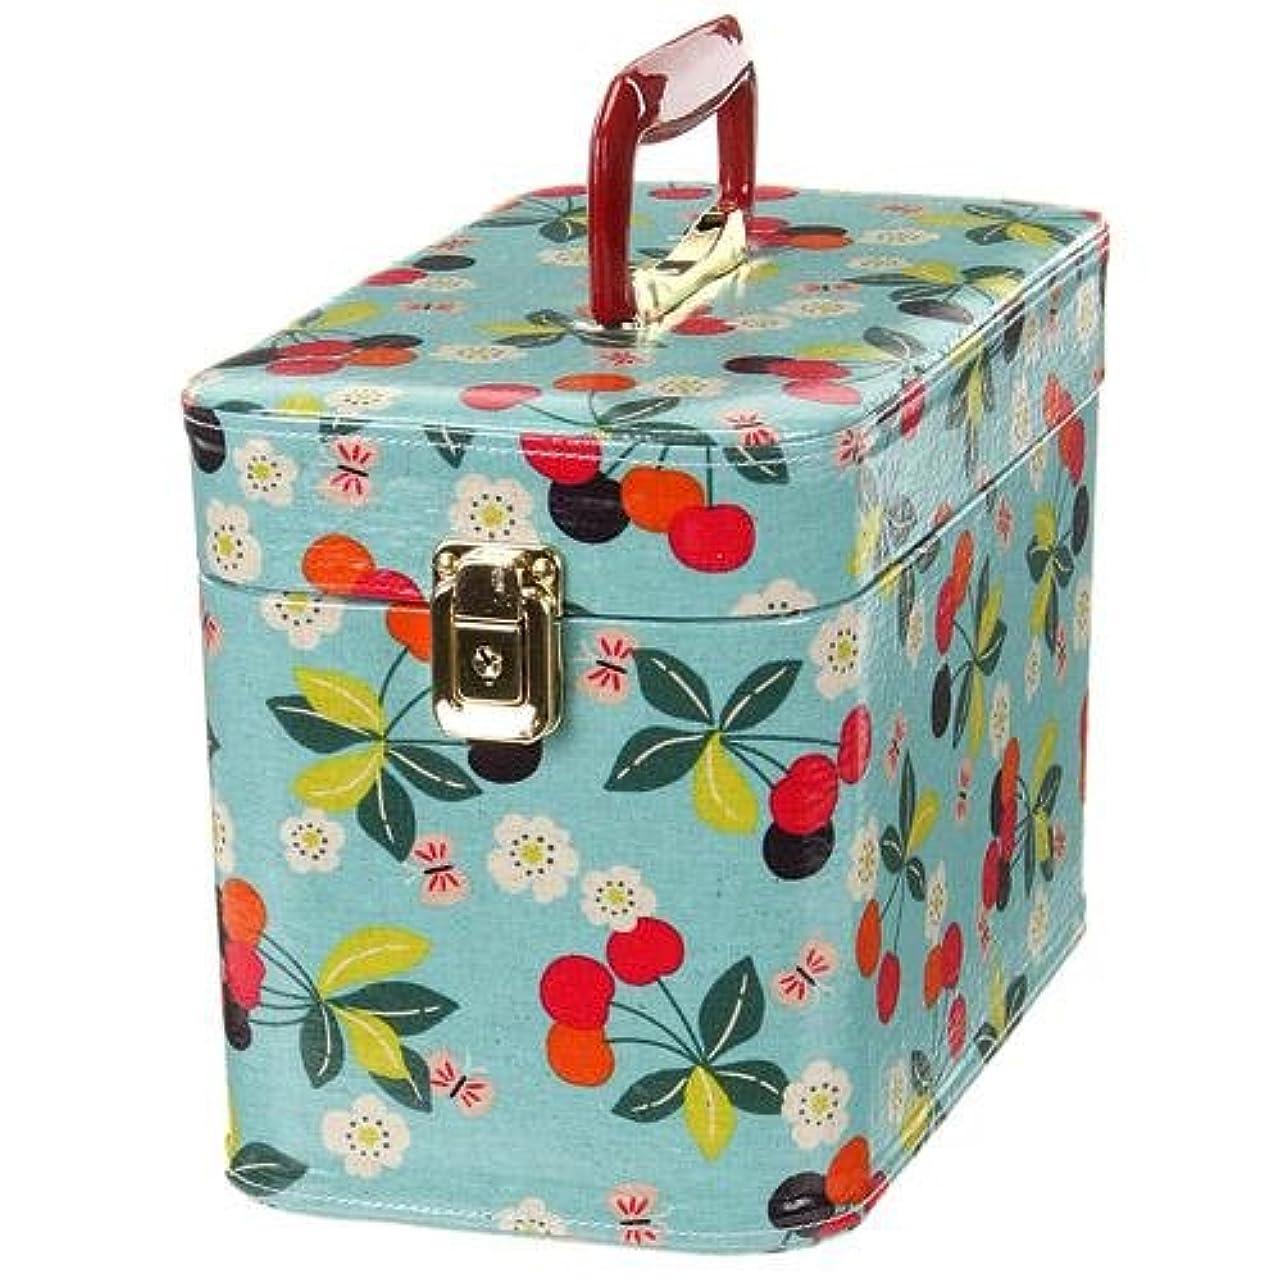 強調ちょっと待ってピカソ日本製 メイクボックス (コスメボックス)桜桃柄 30cm マリンブルー トレンケース(鍵付き/コスメボックス)